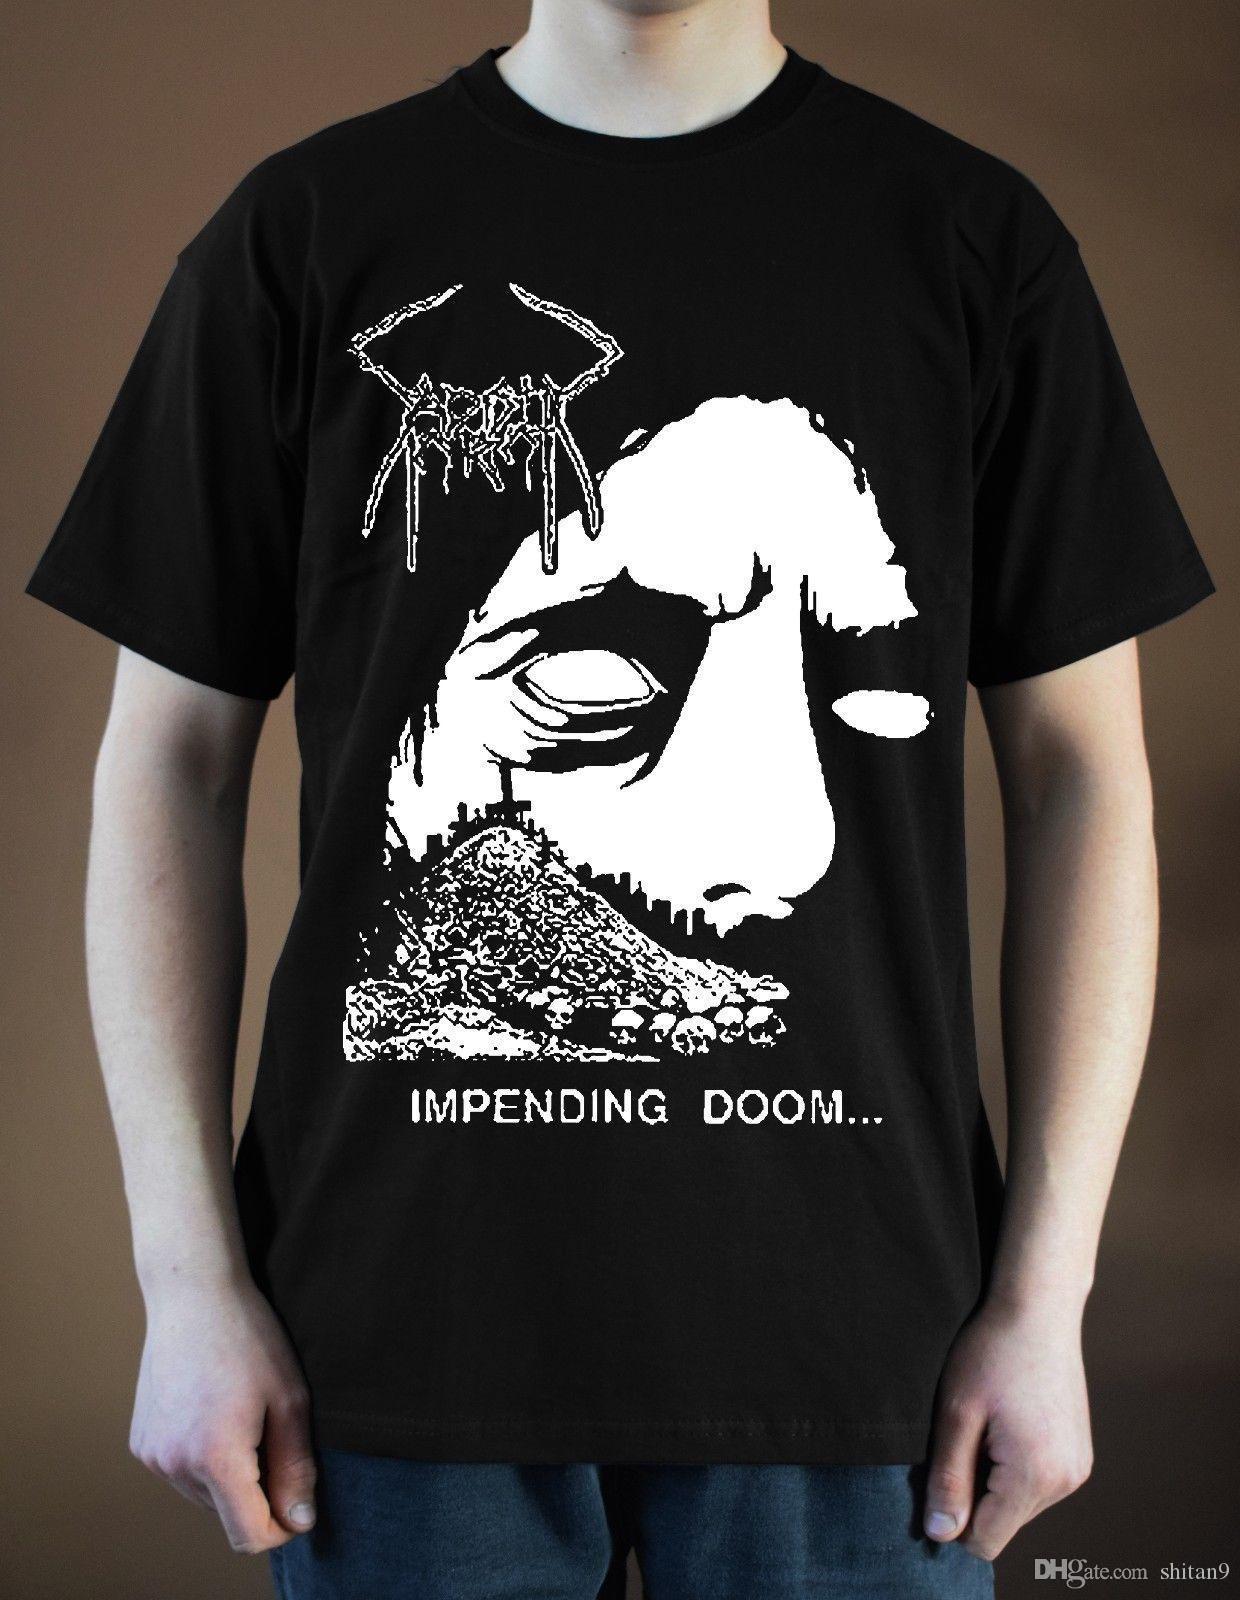 Sadistic Intent Impending Doom Ver 1 T Shirt Black Men T Shirt